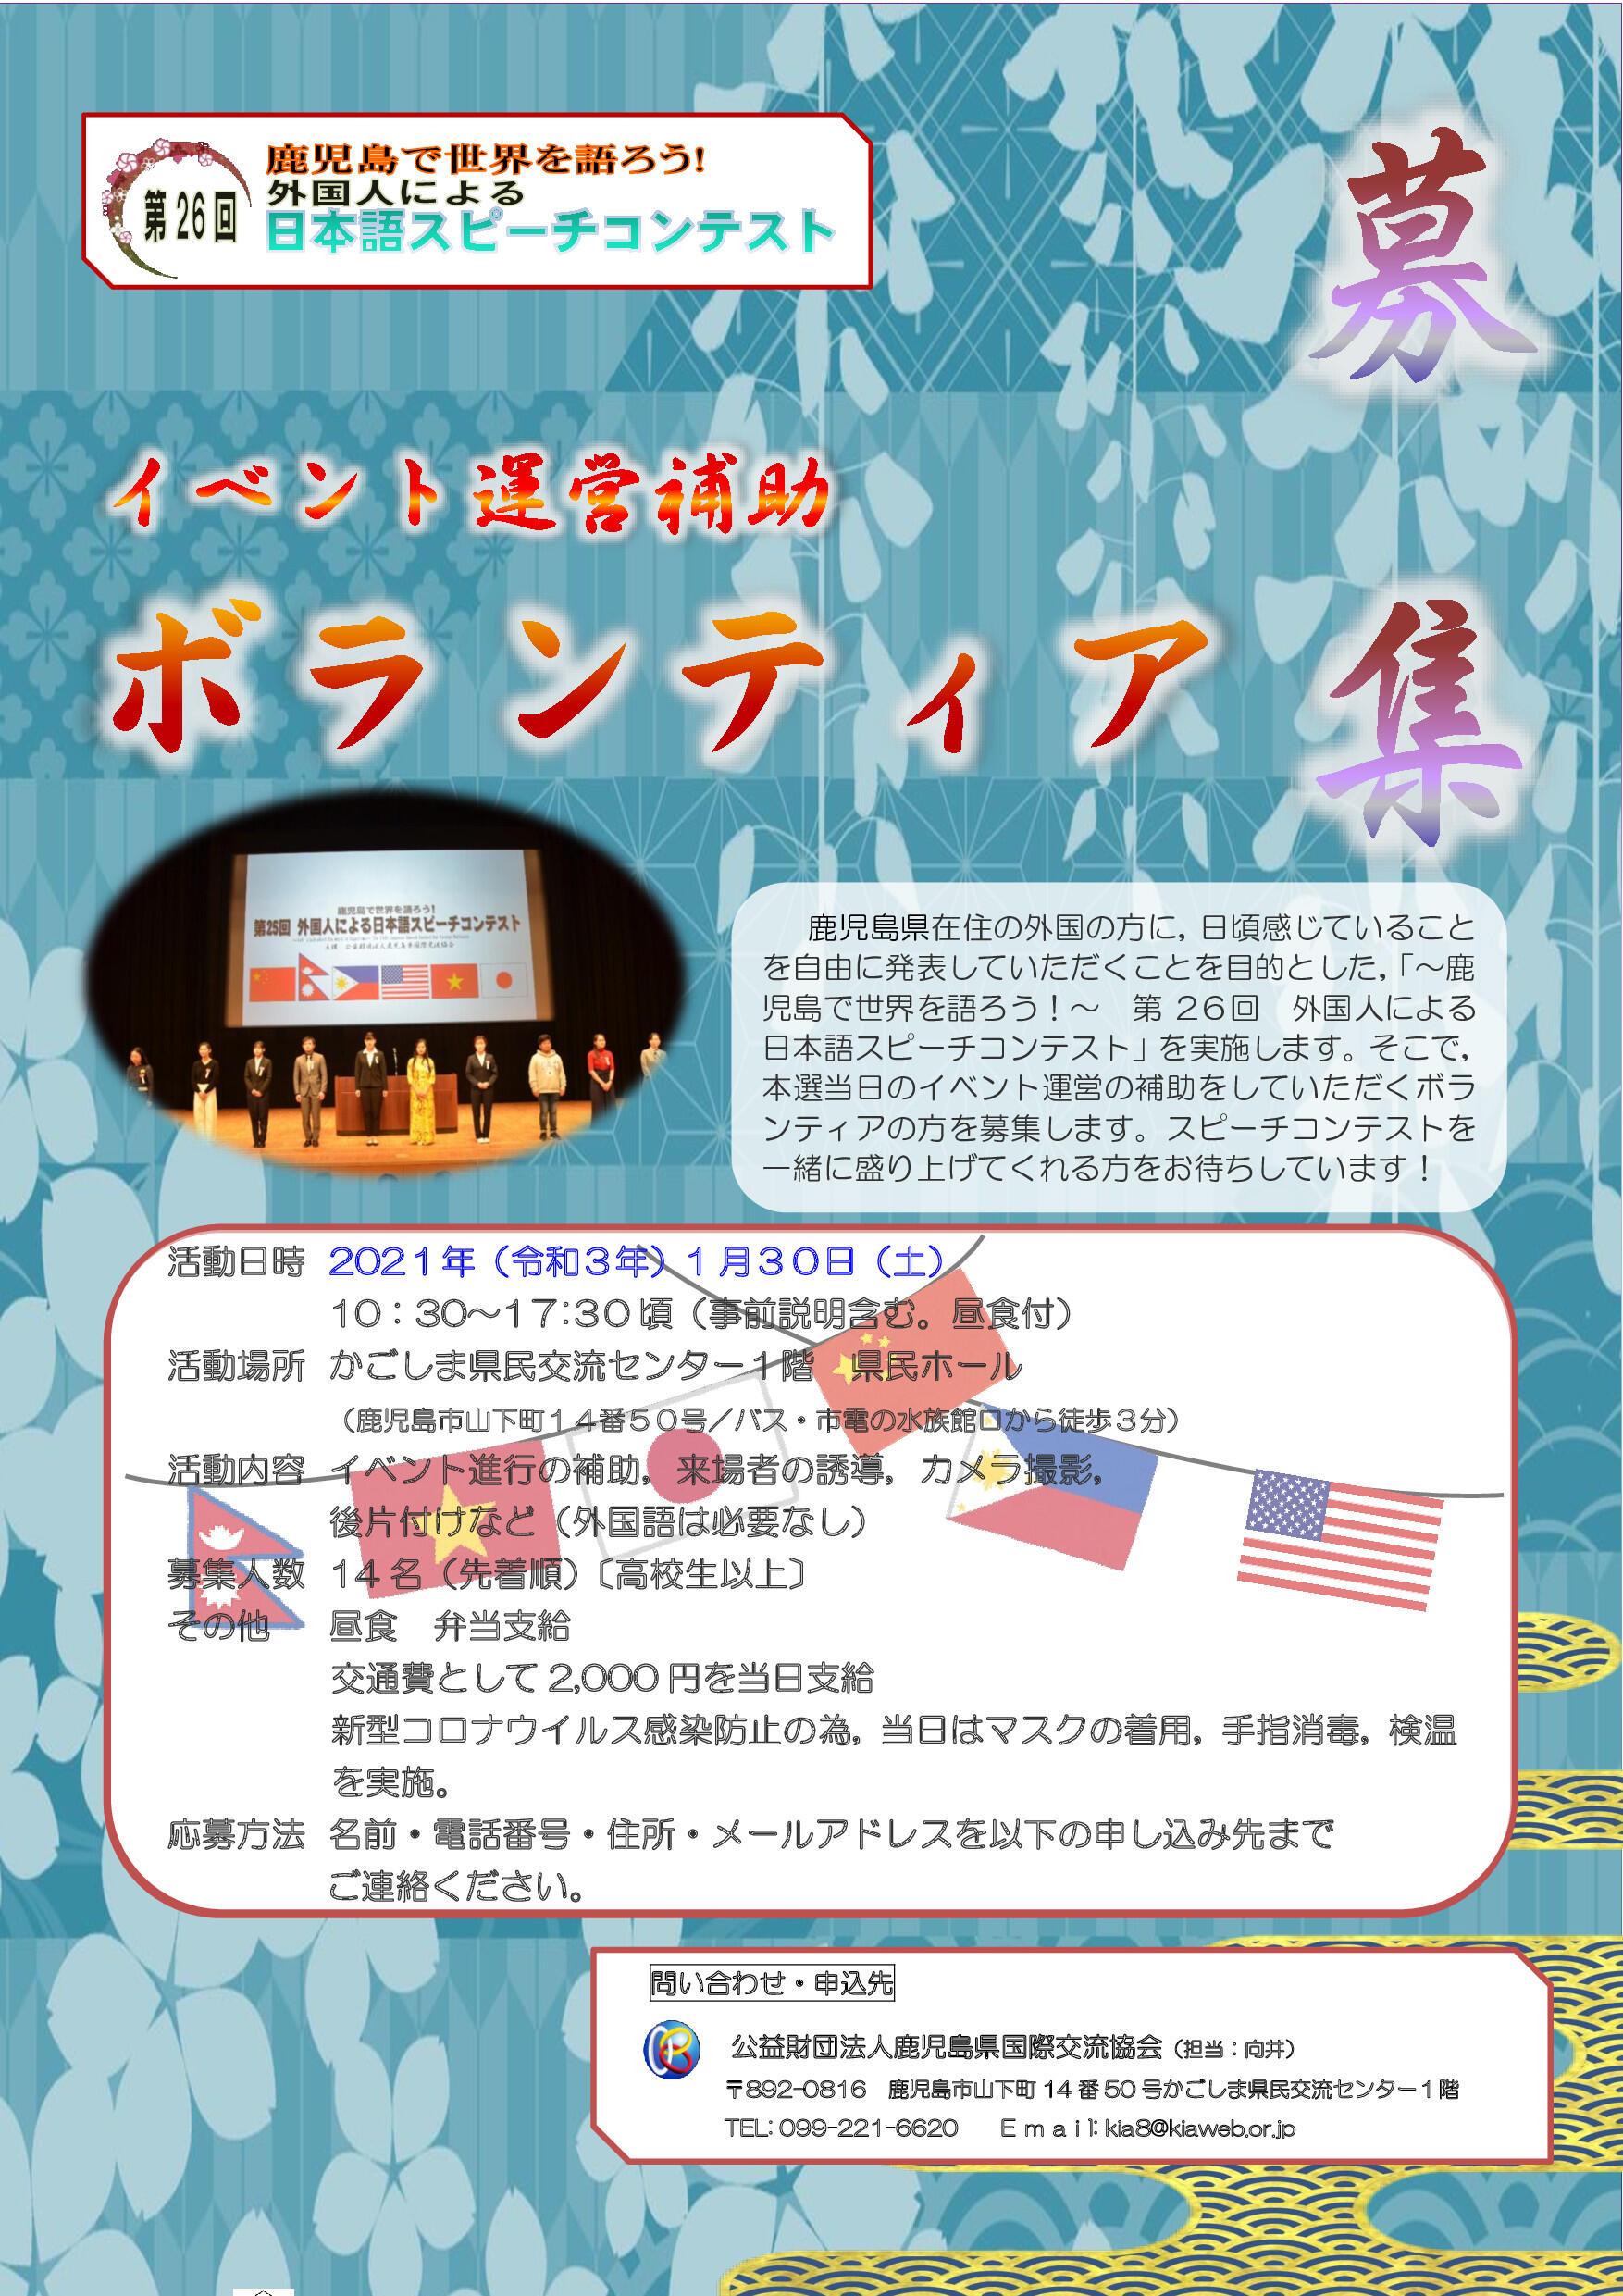 https://www.kiaweb.or.jp/upload/7f02afbcdb742e9a54a3067a86c2fabb17d15e60.jpg